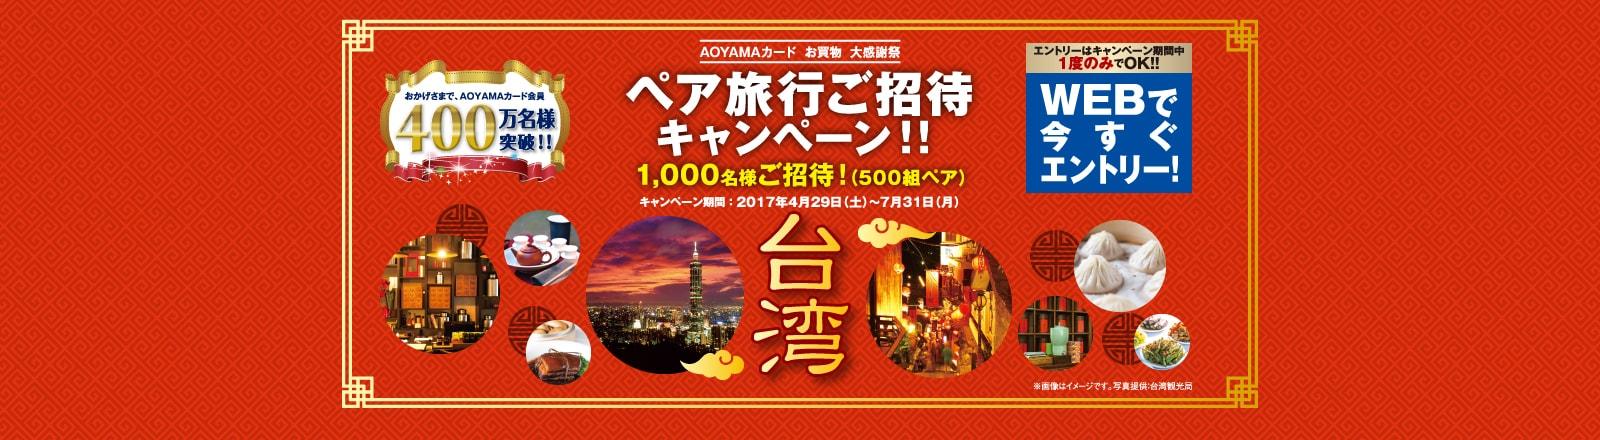 青山キャピタル プレゼントキャンペーン